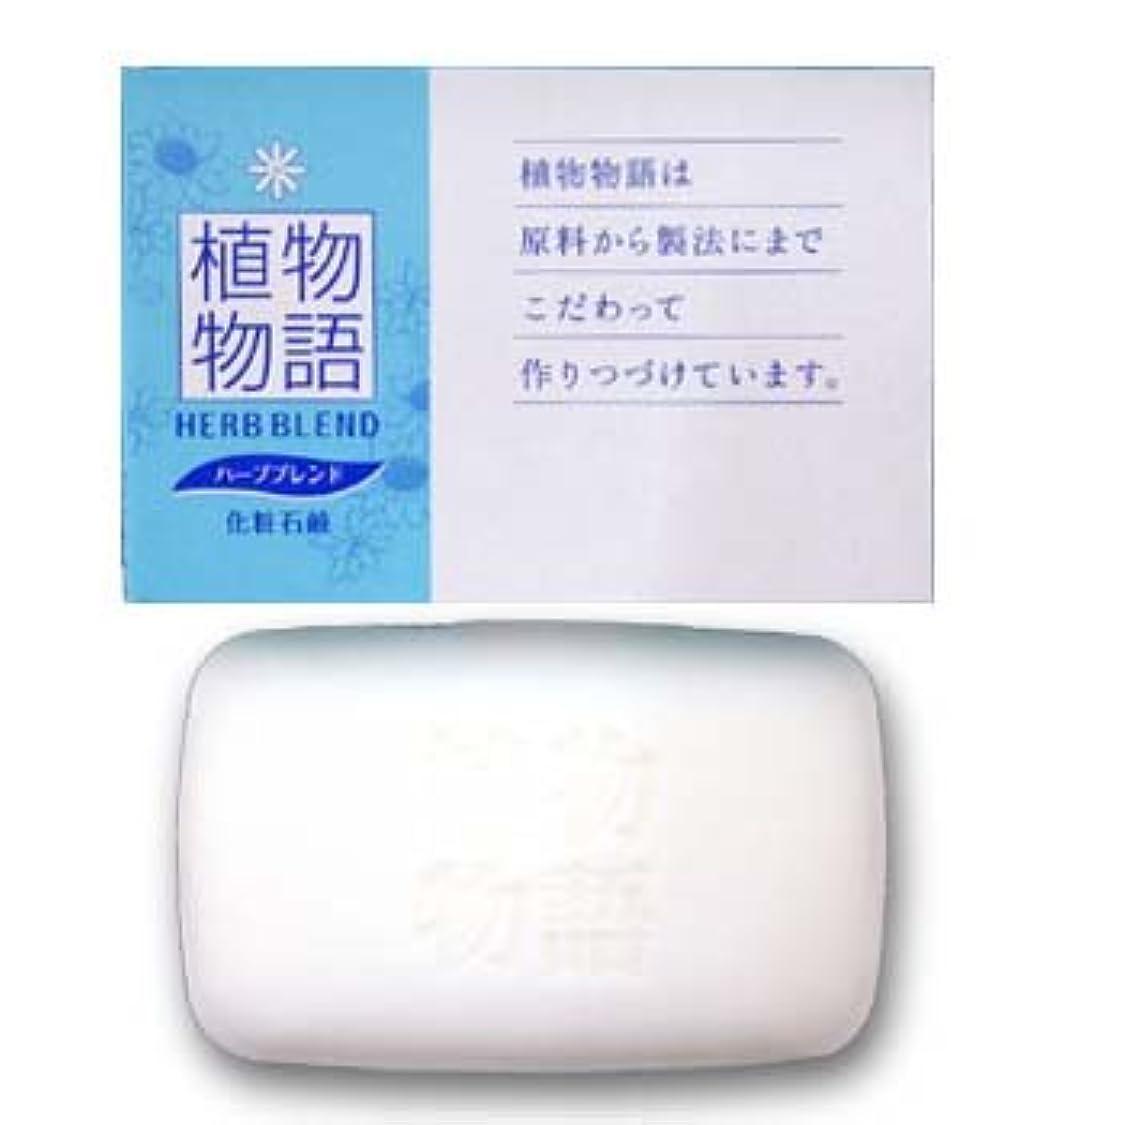 止まるオペレーターヒロイックLION 植物物語石鹸80g化粧箱入(1セット100個入)